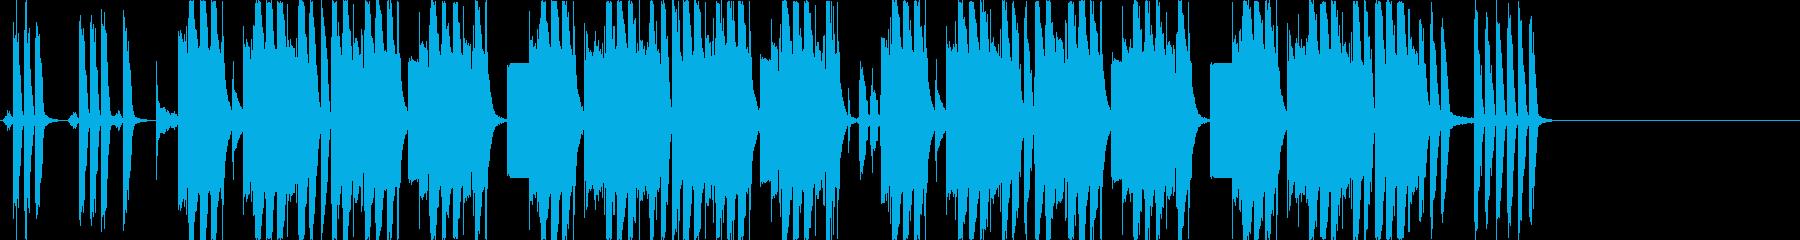 透明感溢れるFutureBass/EDMの再生済みの波形